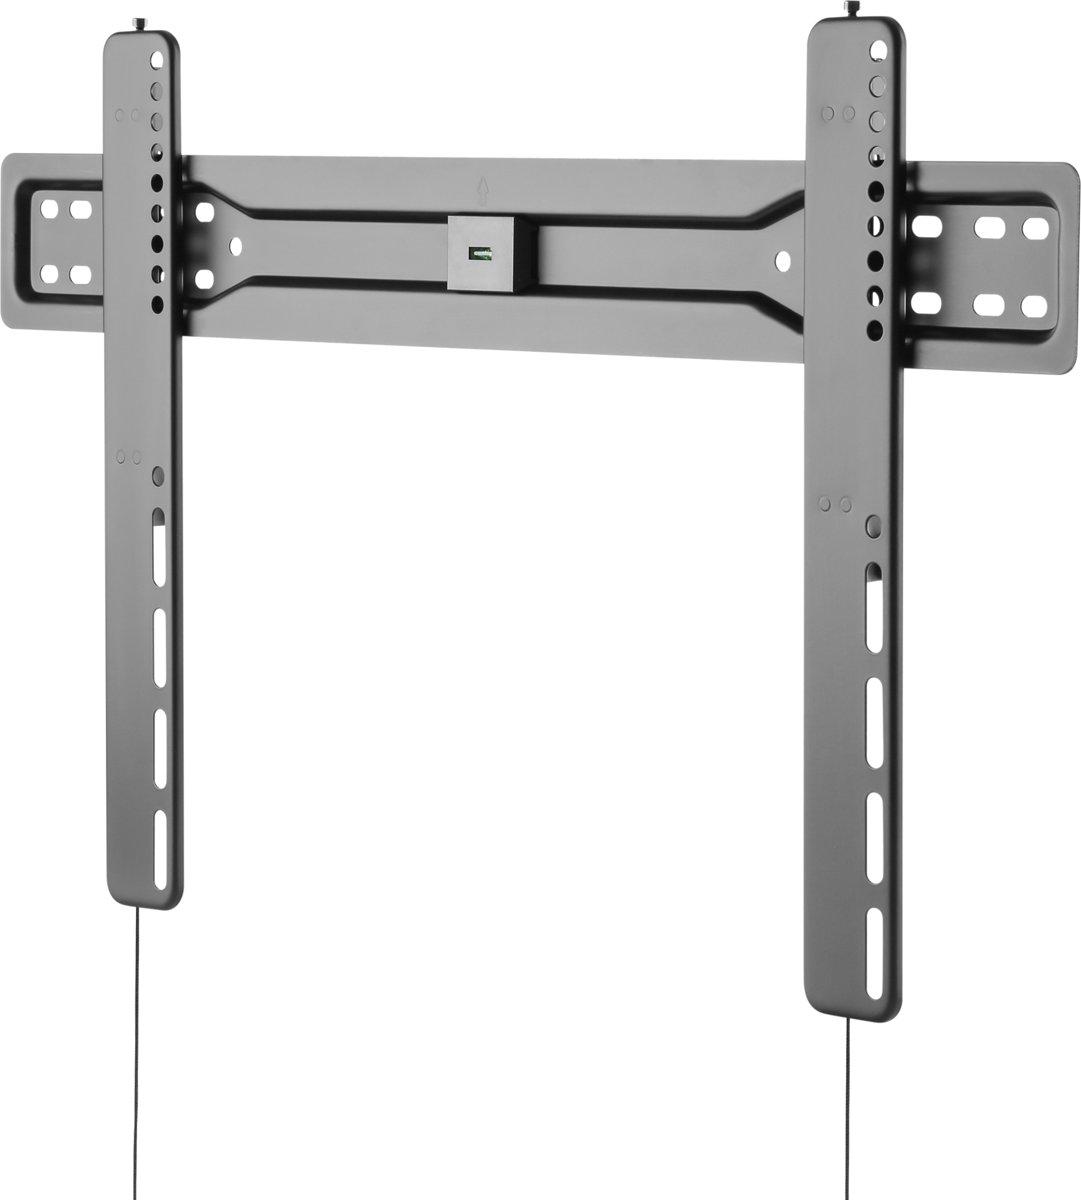 DELTACO ARM-468 Universele TV Wandbeugel, Waterpas, Geschikt voor TV's van 37 t/m 70 inch kopen